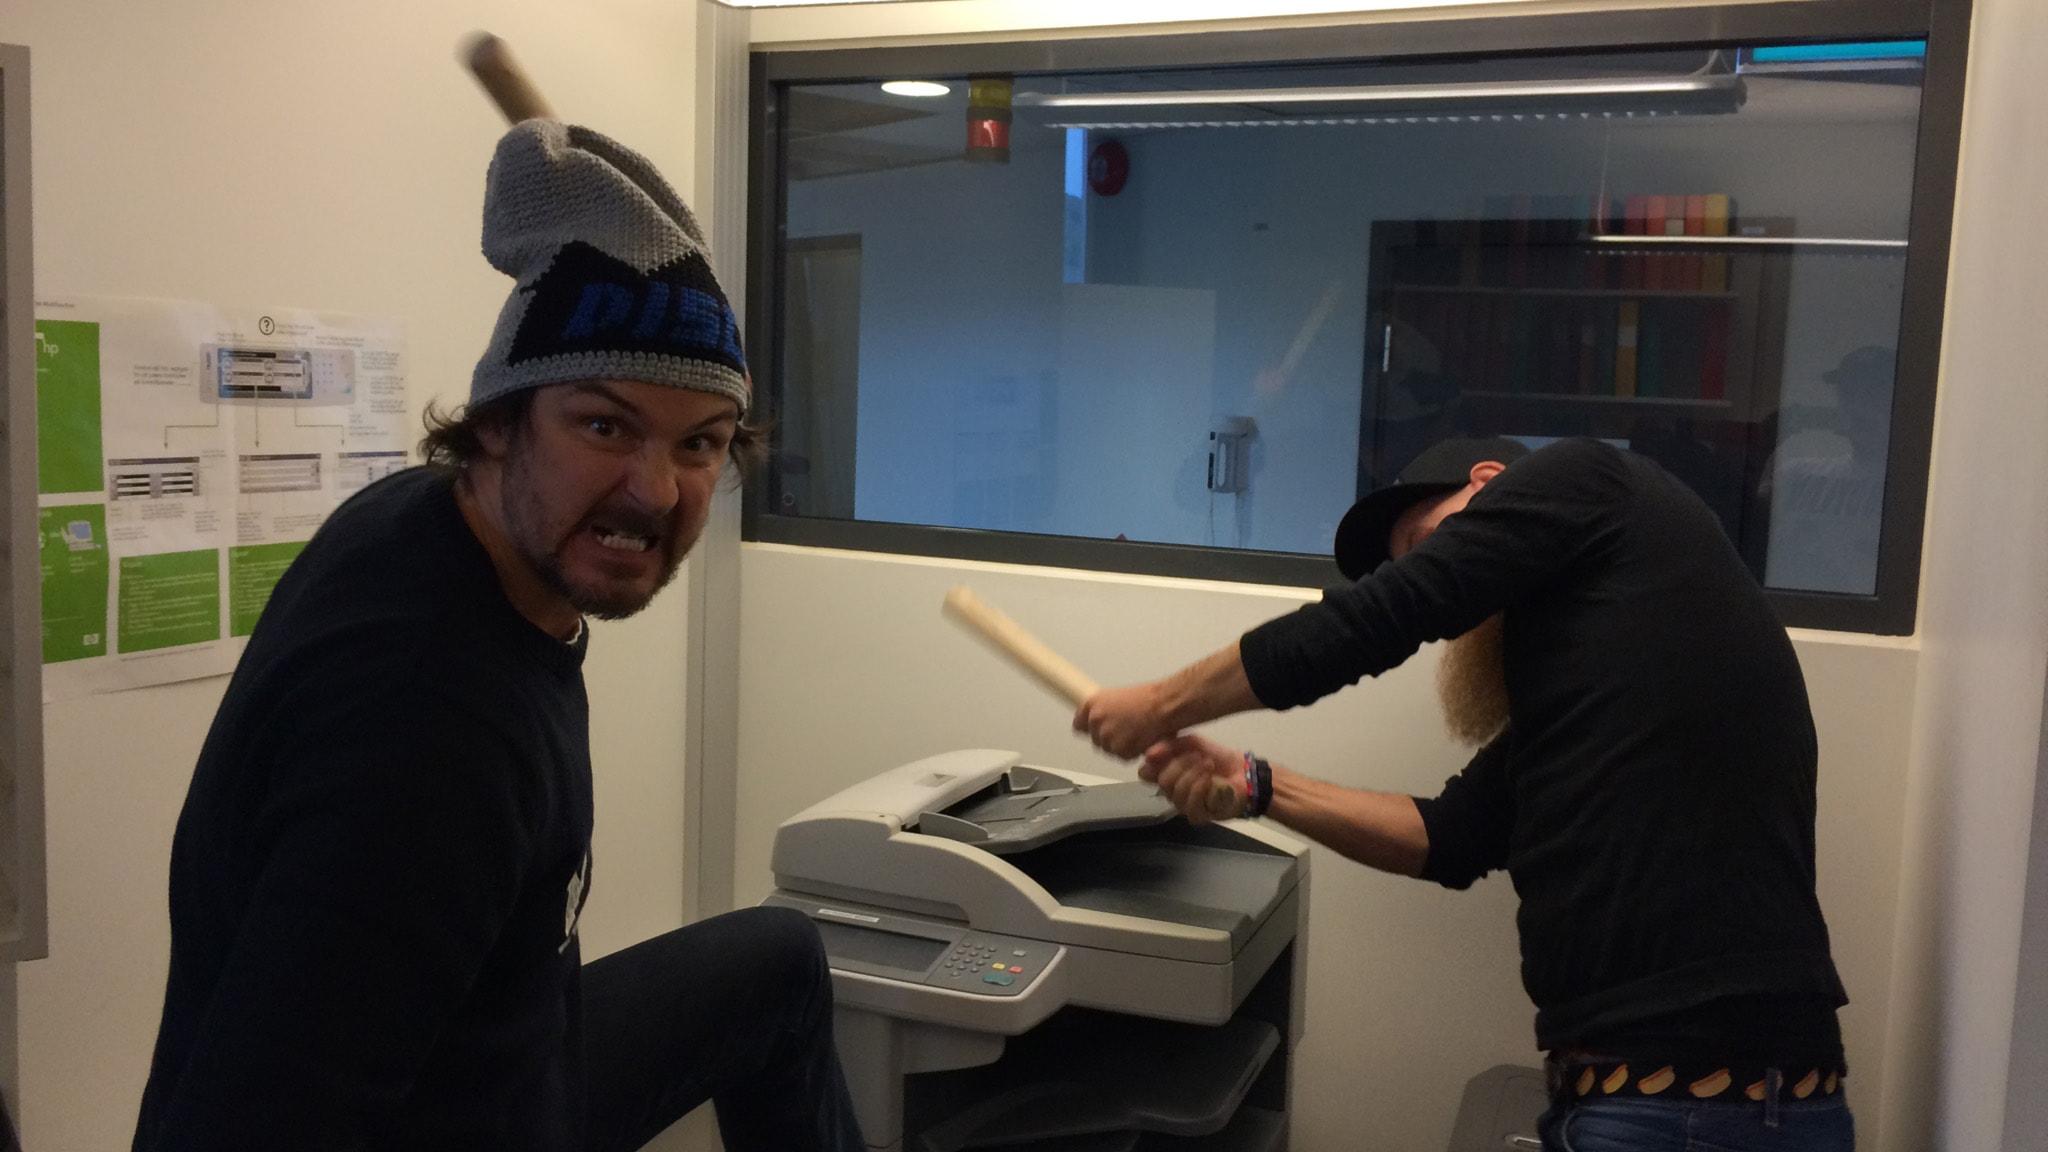 Christer och Morgan slår sönder en skrivare